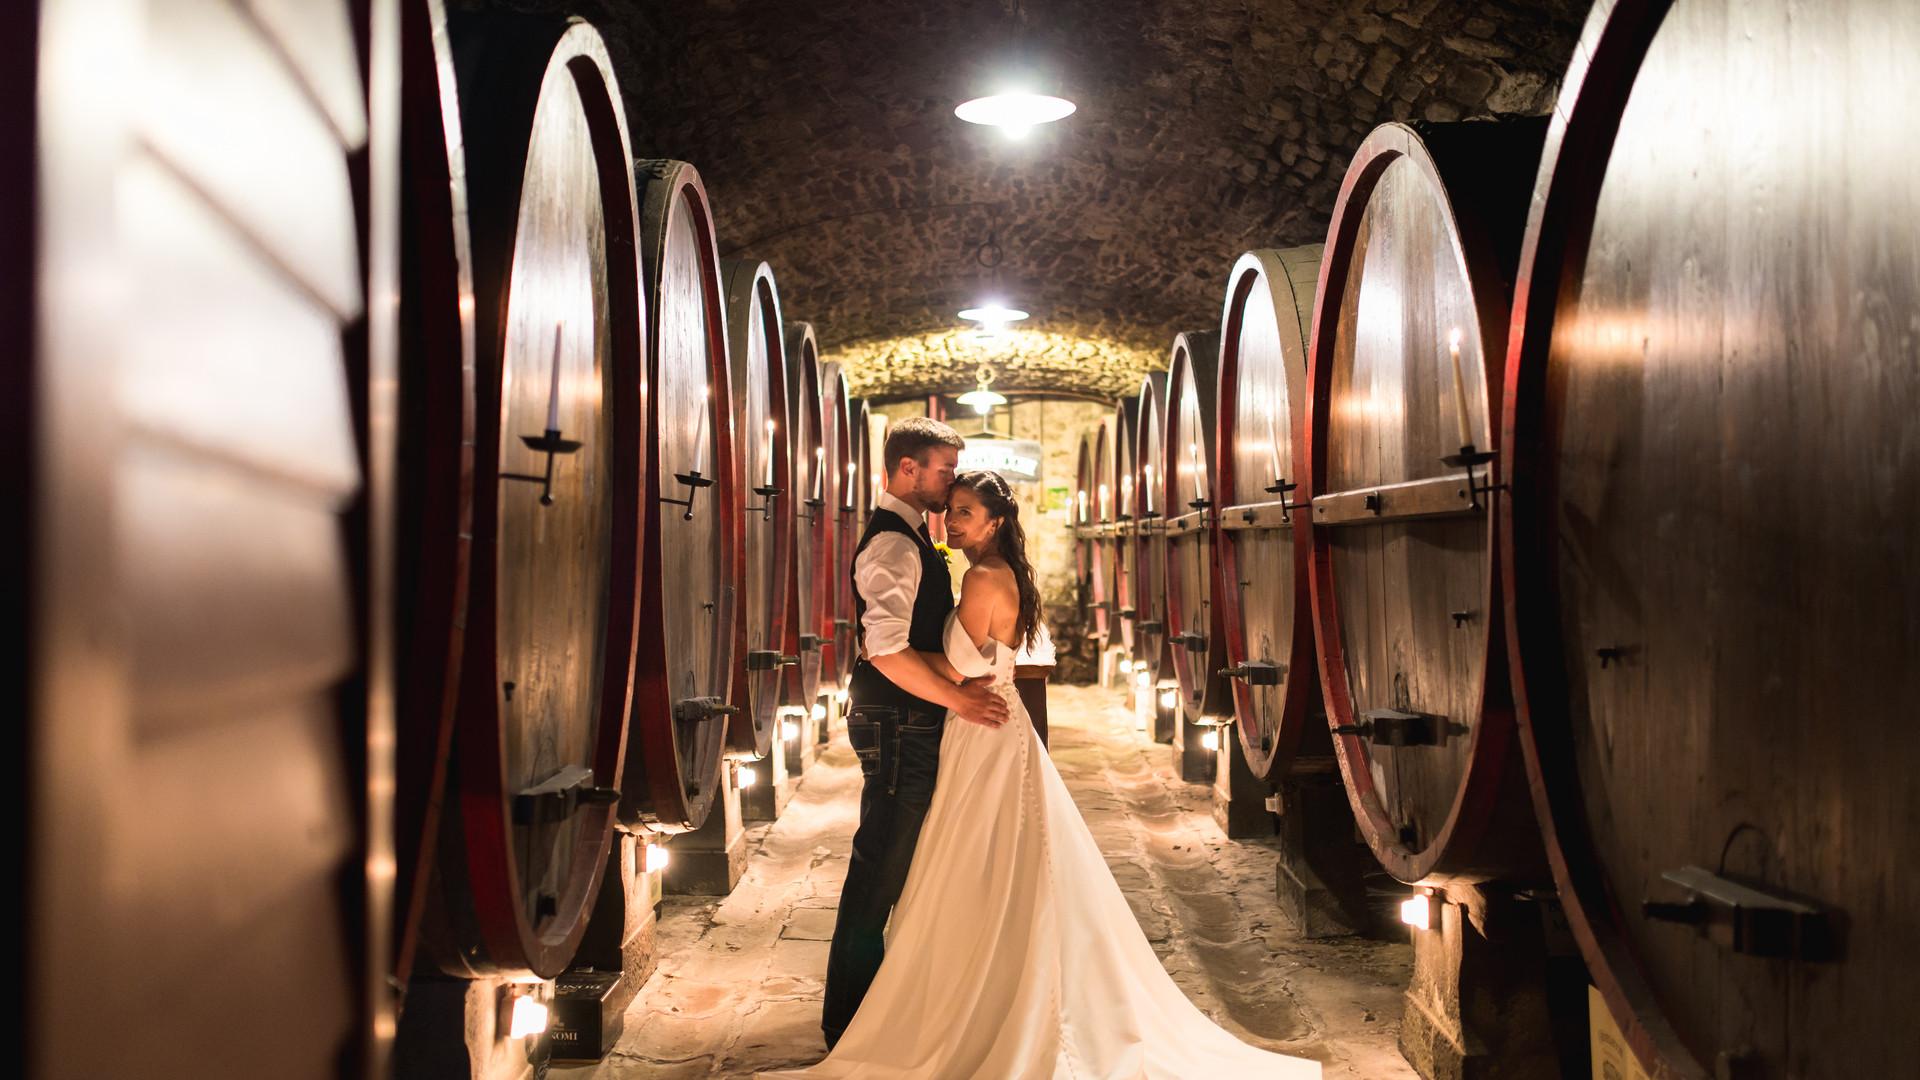 Foto nella cantina dei vini Borgo Castelvecchi Radda In Chianti Toscana